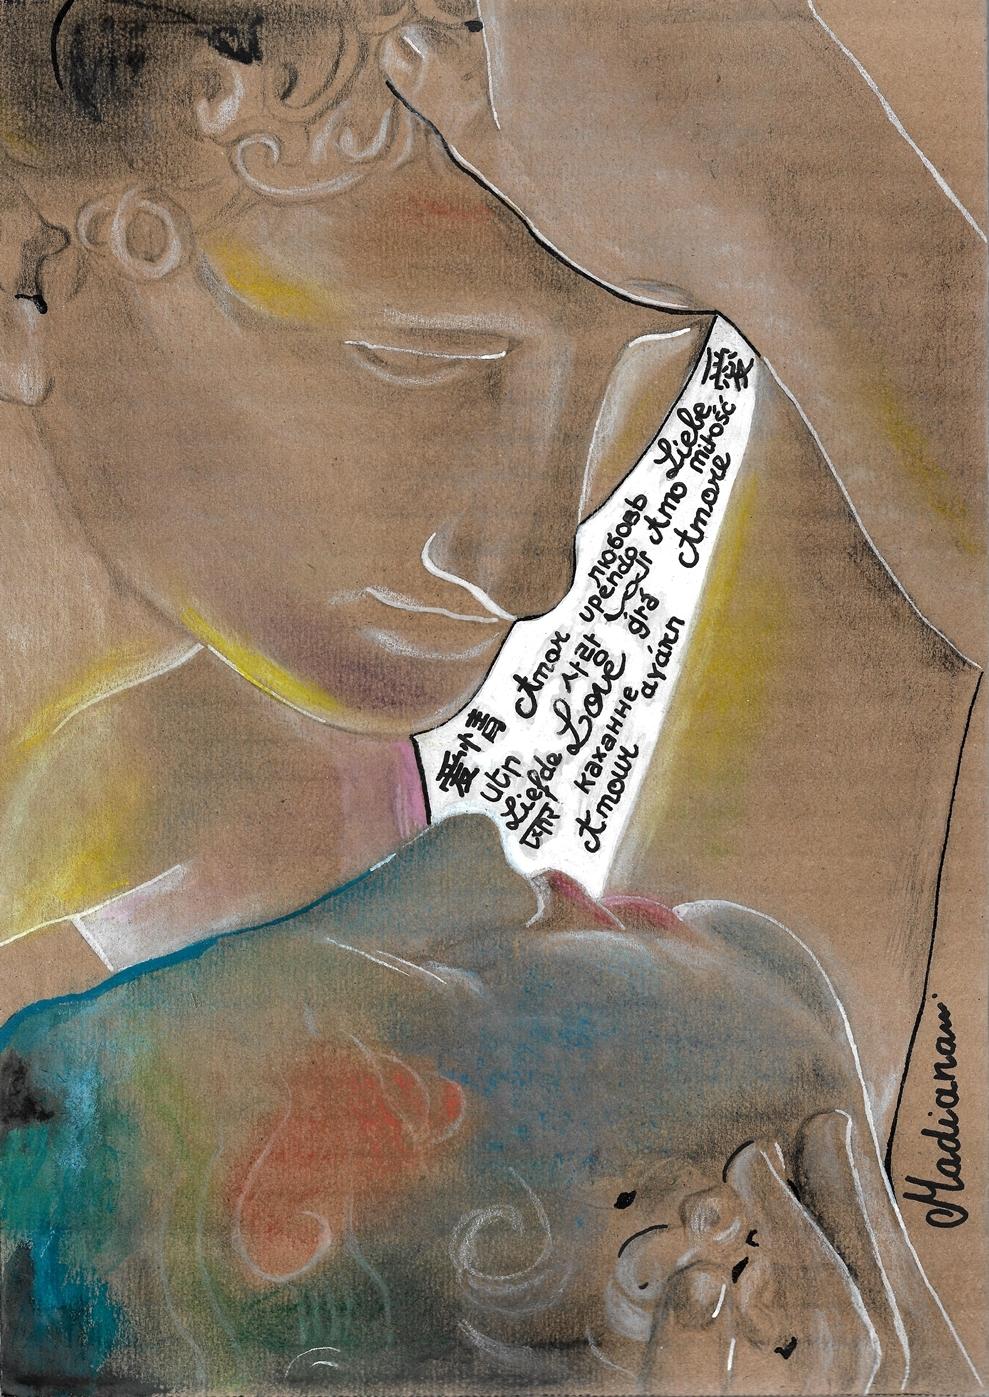 reproduction sur toile  art contemporain amour et psychée canova fusain pastel carton couleur